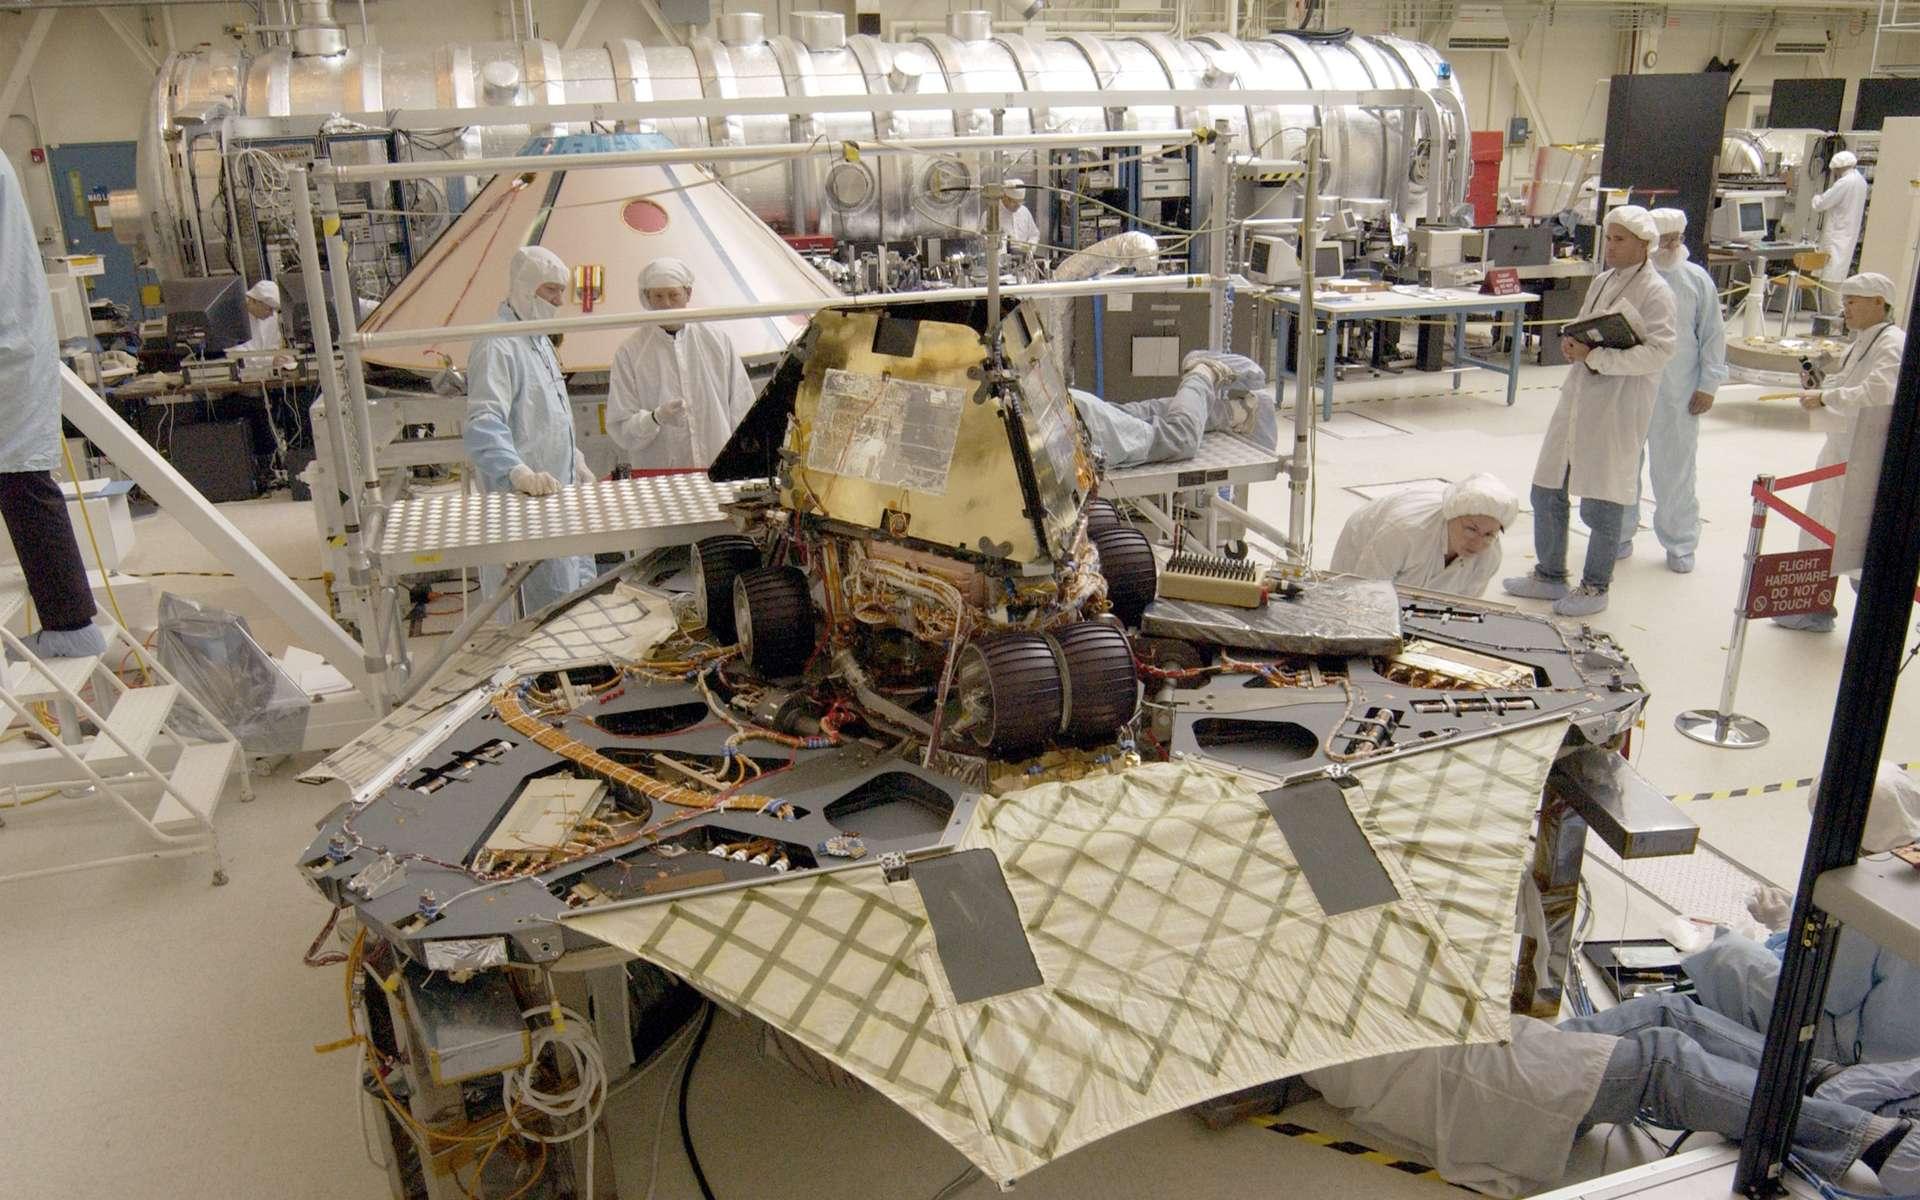 Opportunity, ici sur sa plate-forme d'atterrissage, est l'un des deux rovers de la mission MER (Mars Exploration Rover). Cette mission a été lancée par la Nasa en réponse aux échecs de l'atterrissage de Mars Polar Lander (1999) et de la mise en orbite de Mars Observer (1993). © Nasa, JPL